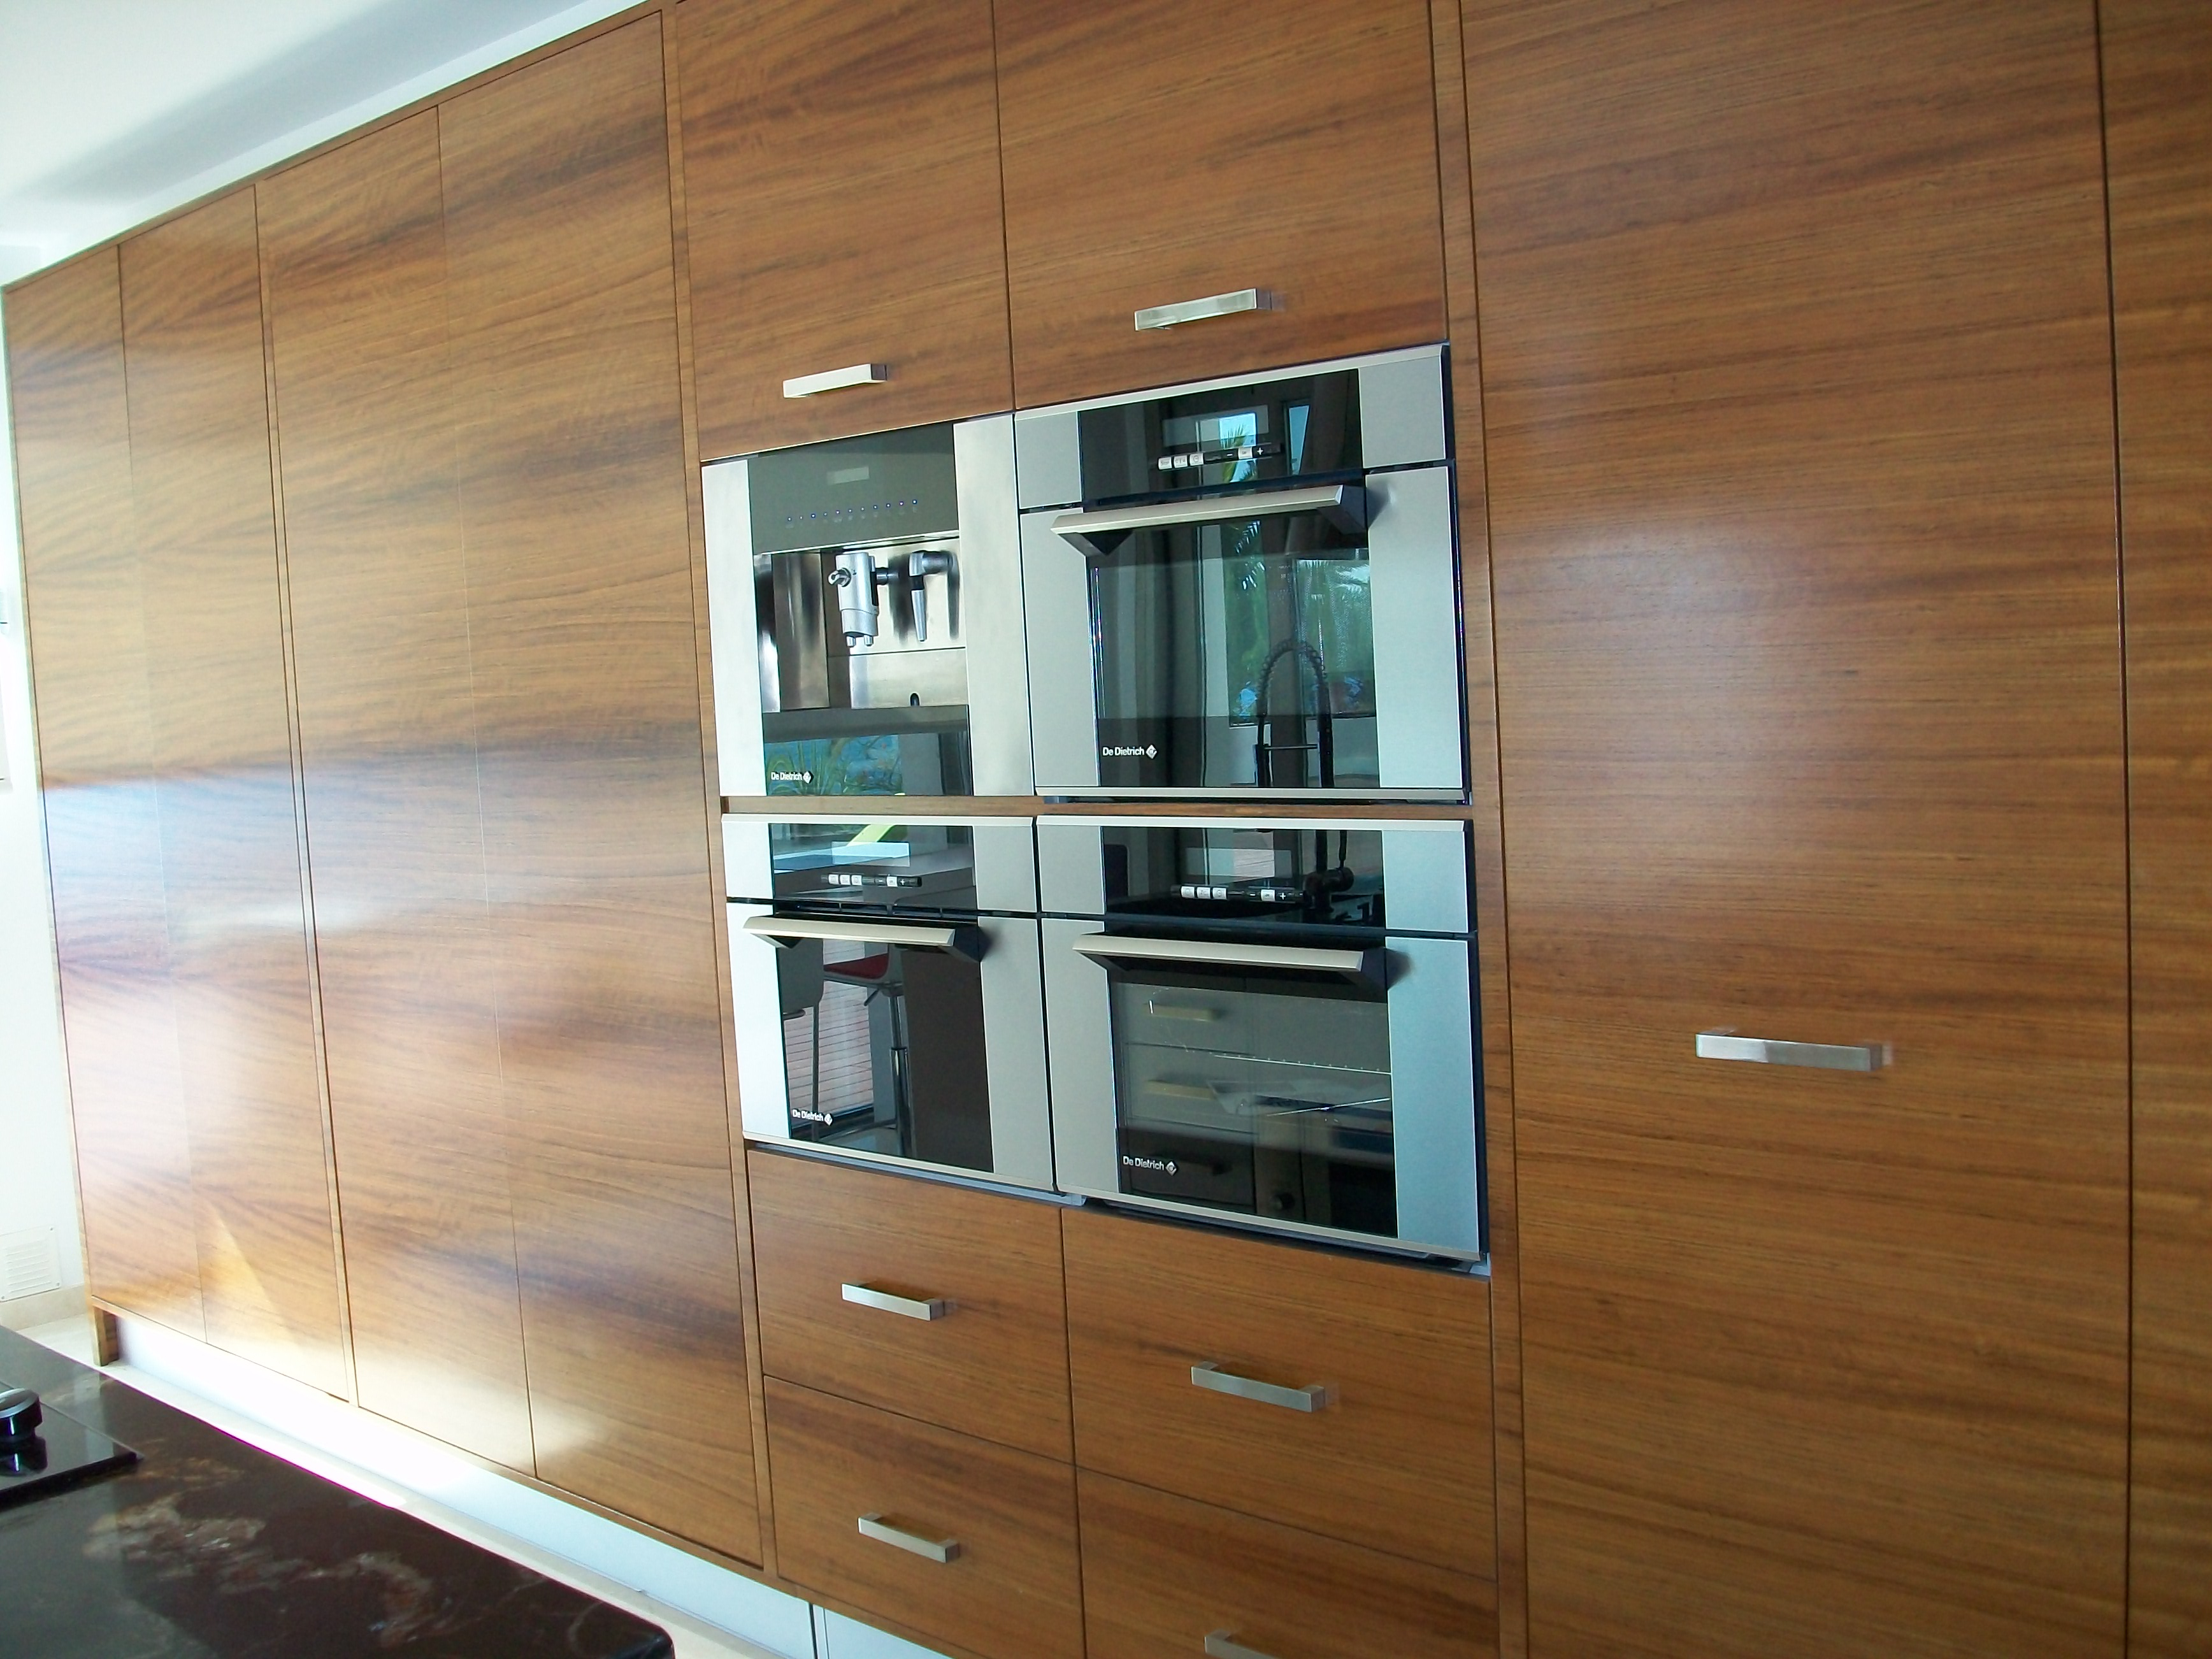 Fabricacion fabrica cocinas a medida valencia 1 muebles for Fabrica muebles valencia